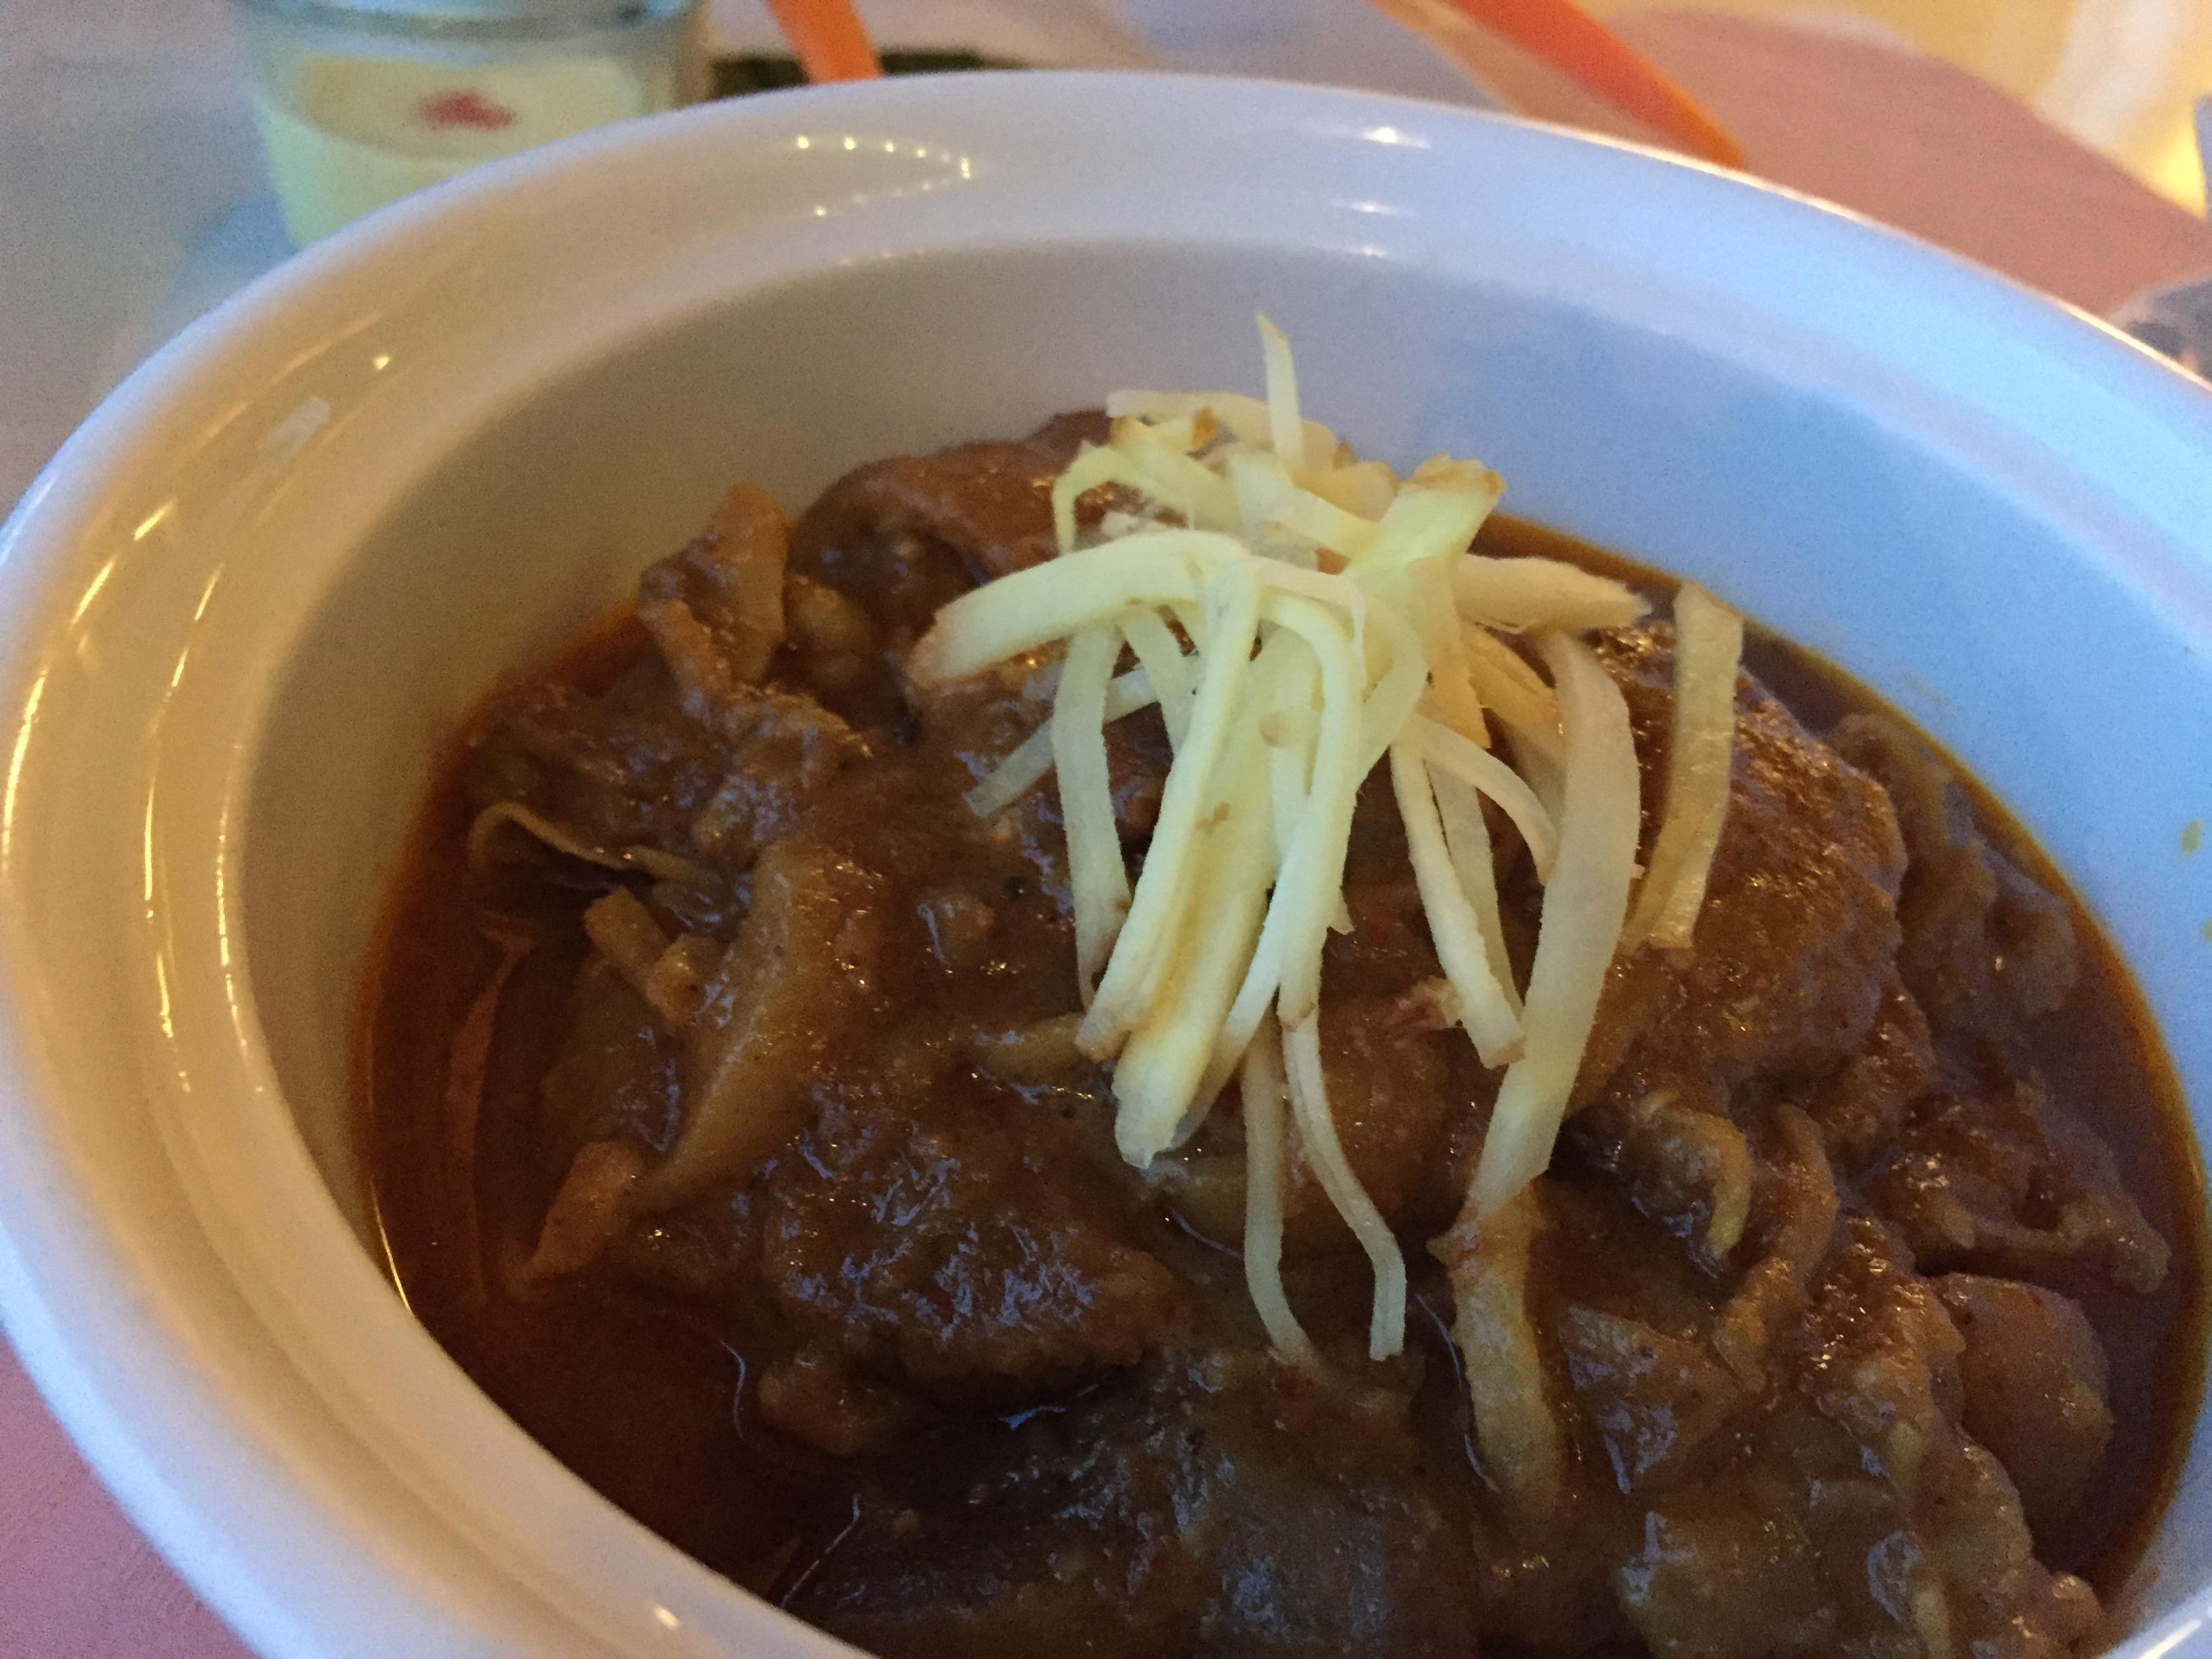 世界で最も美味な料理ランキング50 No1に選ばれた、タイのマッサマンカレー